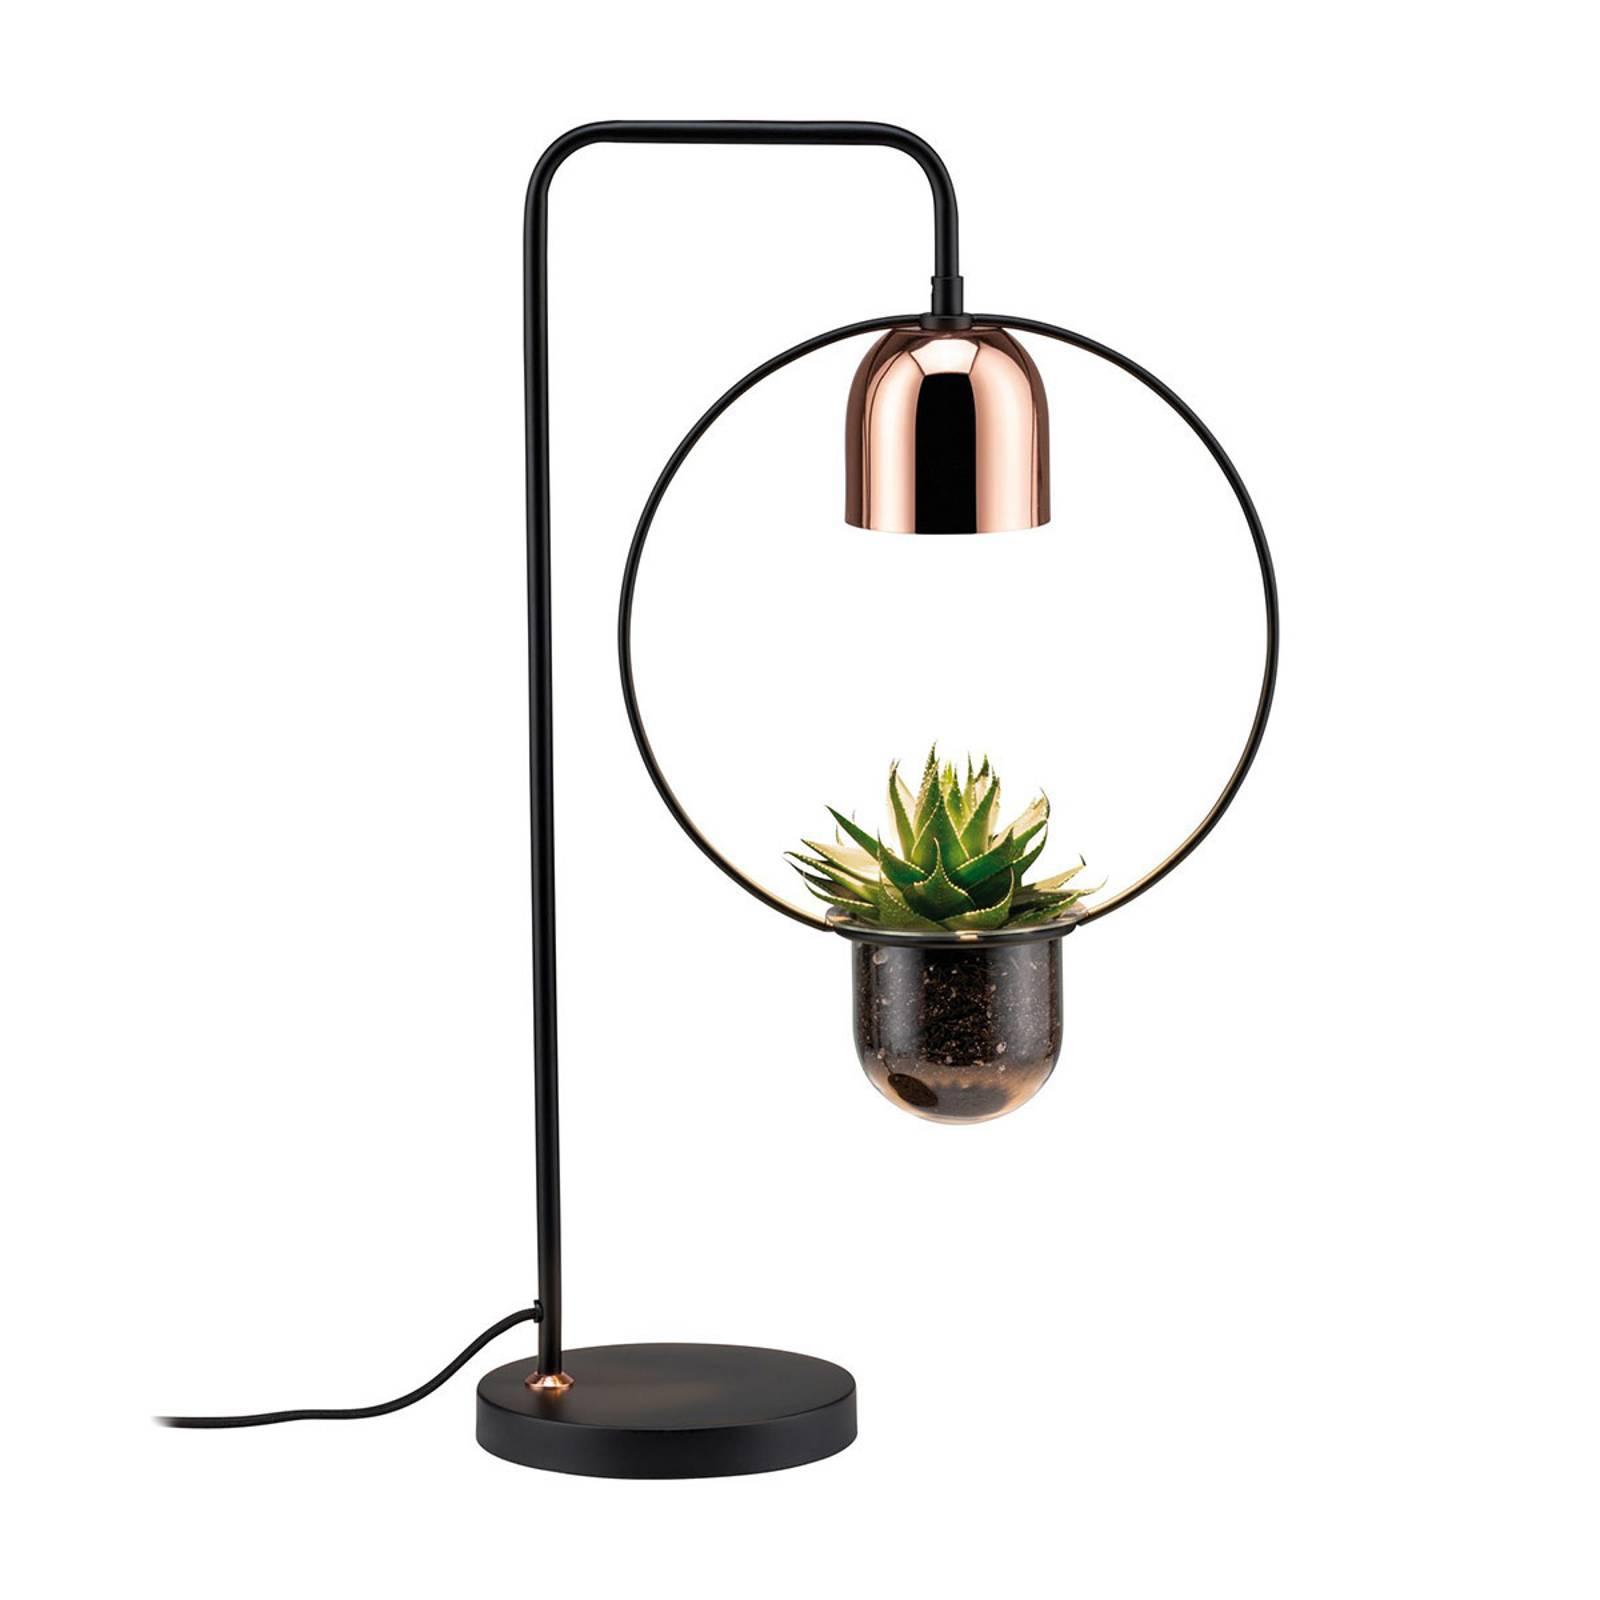 Paulmann lampe à poser Fanja avec pot de fleur